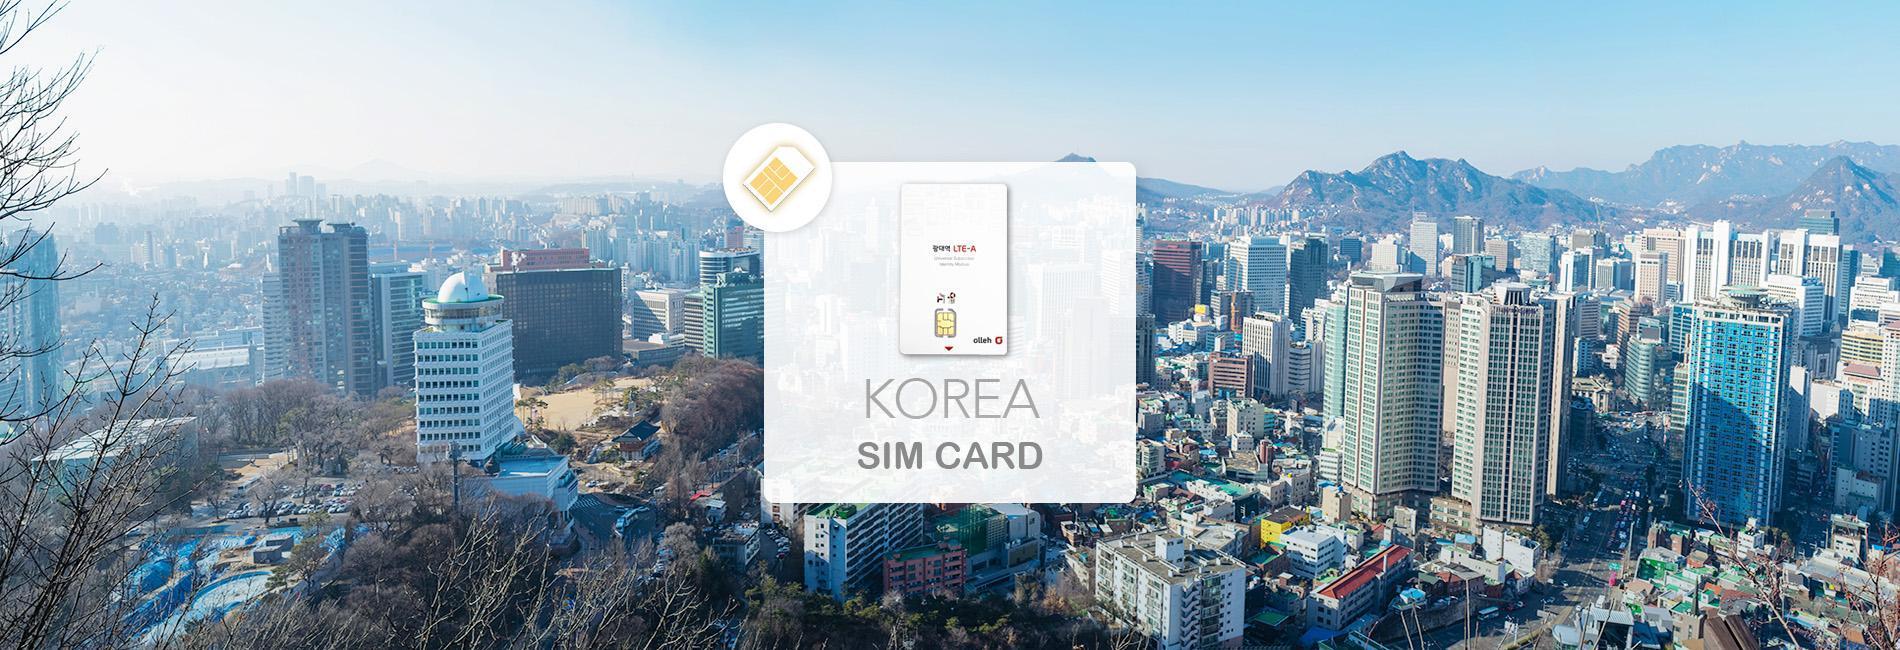 【유심칩】 한국 KT 4G LTE 무제한 데이터 선불 유심칩 (타오위안 공항 수령)